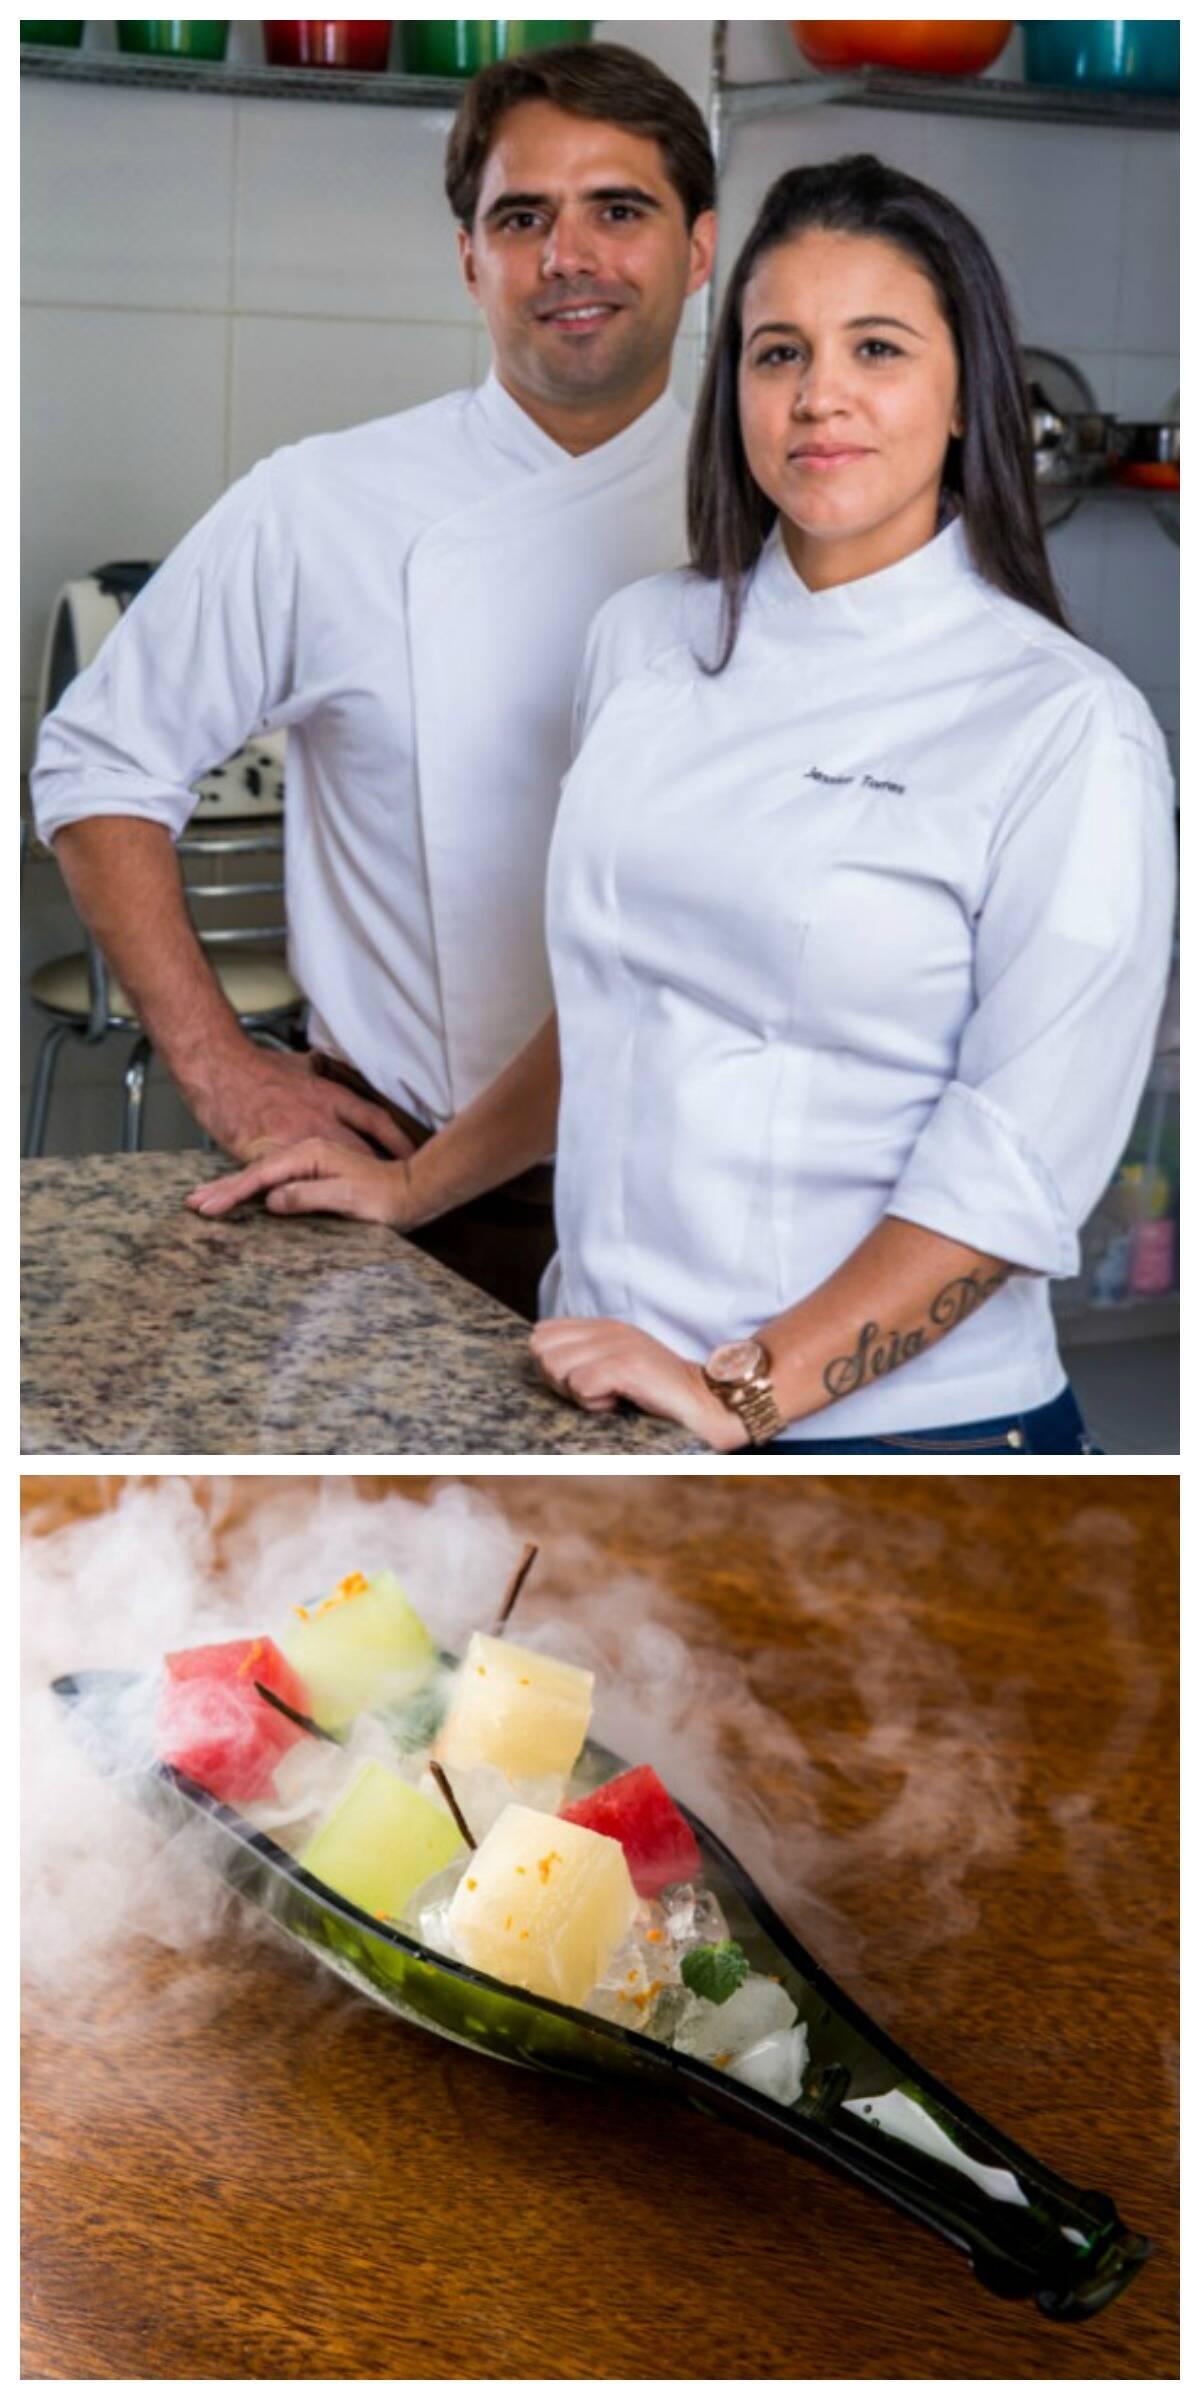 Rodrigo e Jessica estão no comando do bufê i+d: gastronomia lúdica e contemporânea/ Foto: divulgação